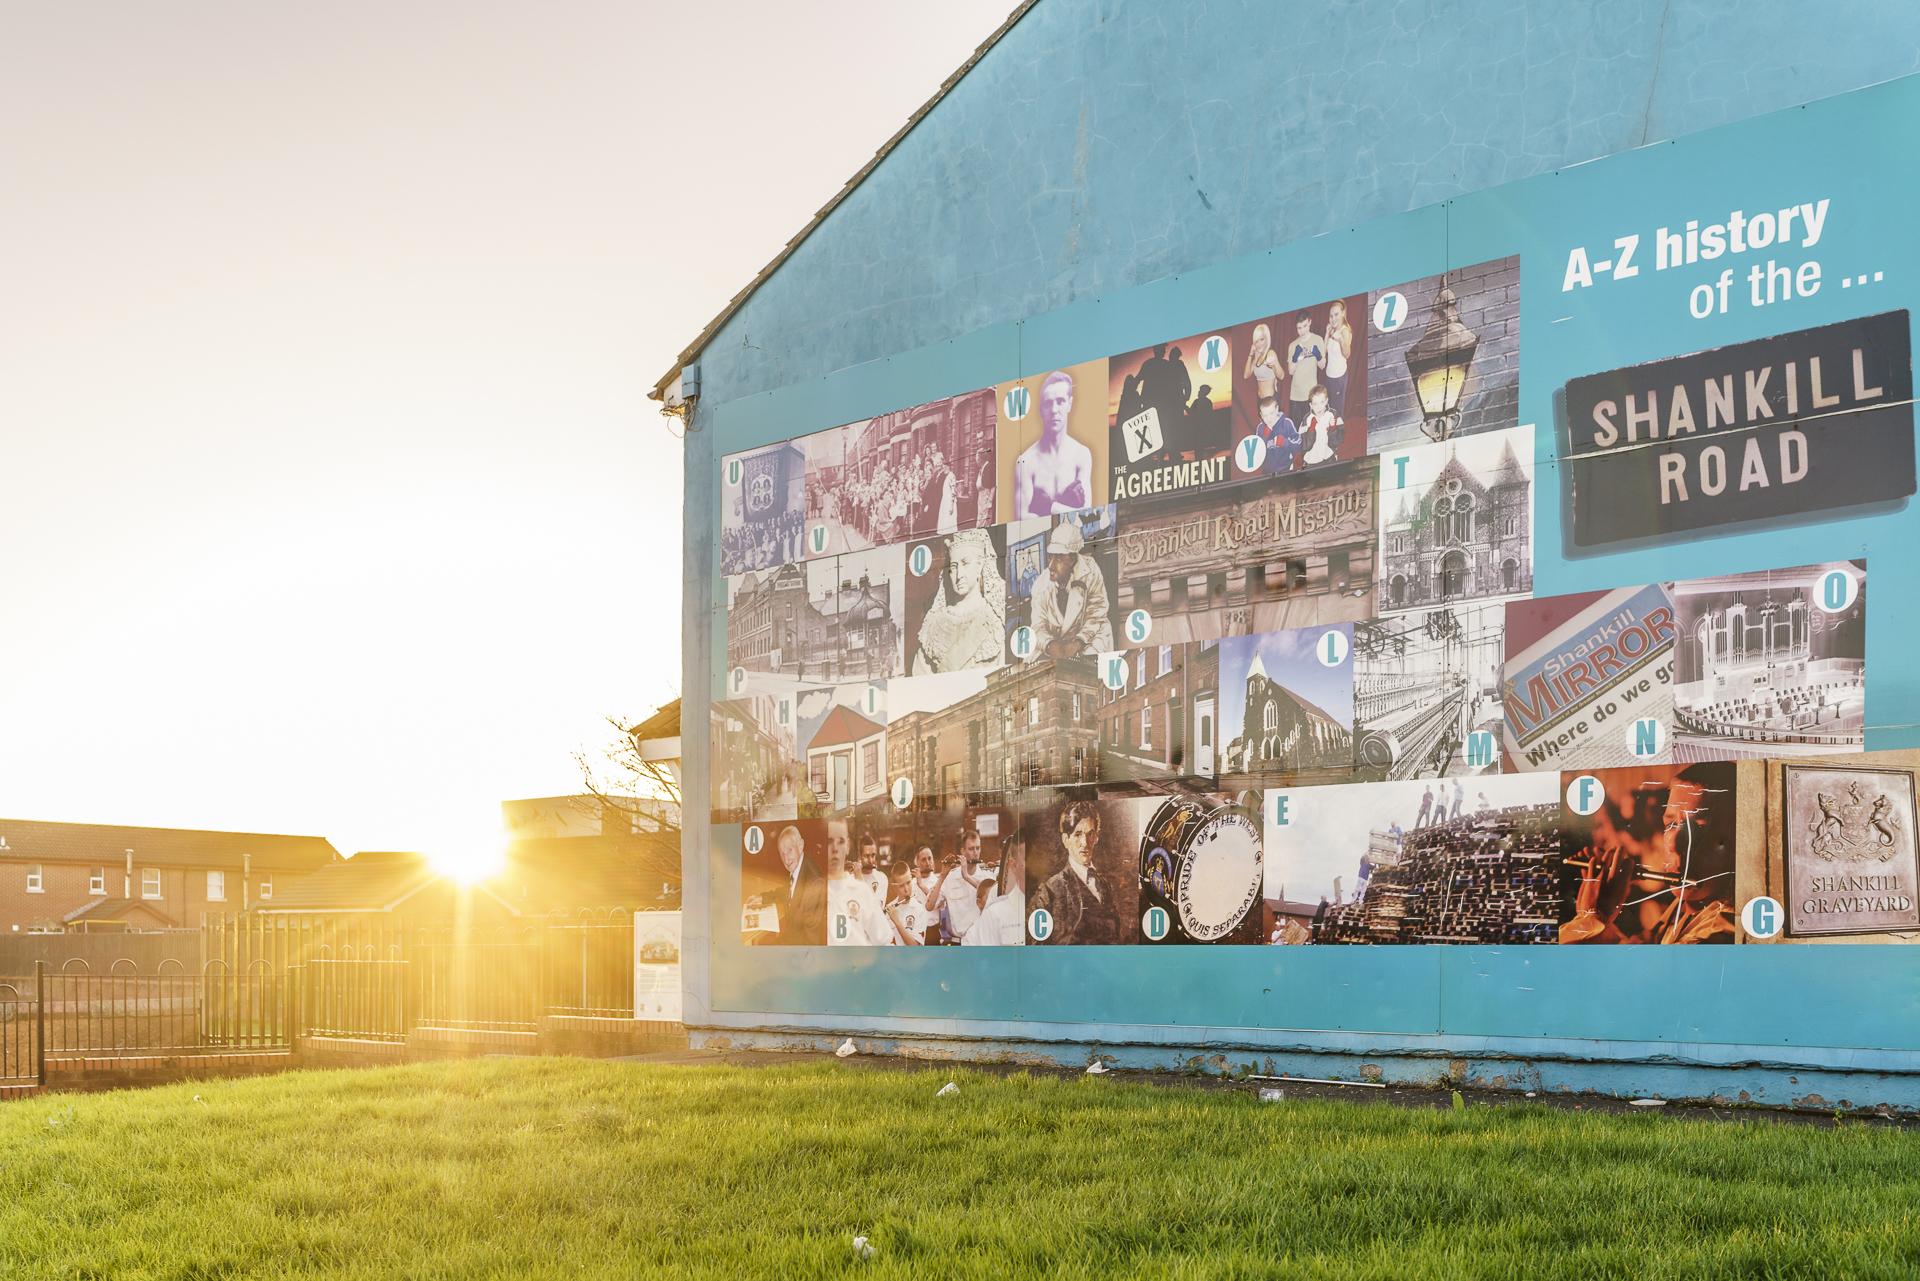 History Shankill Road